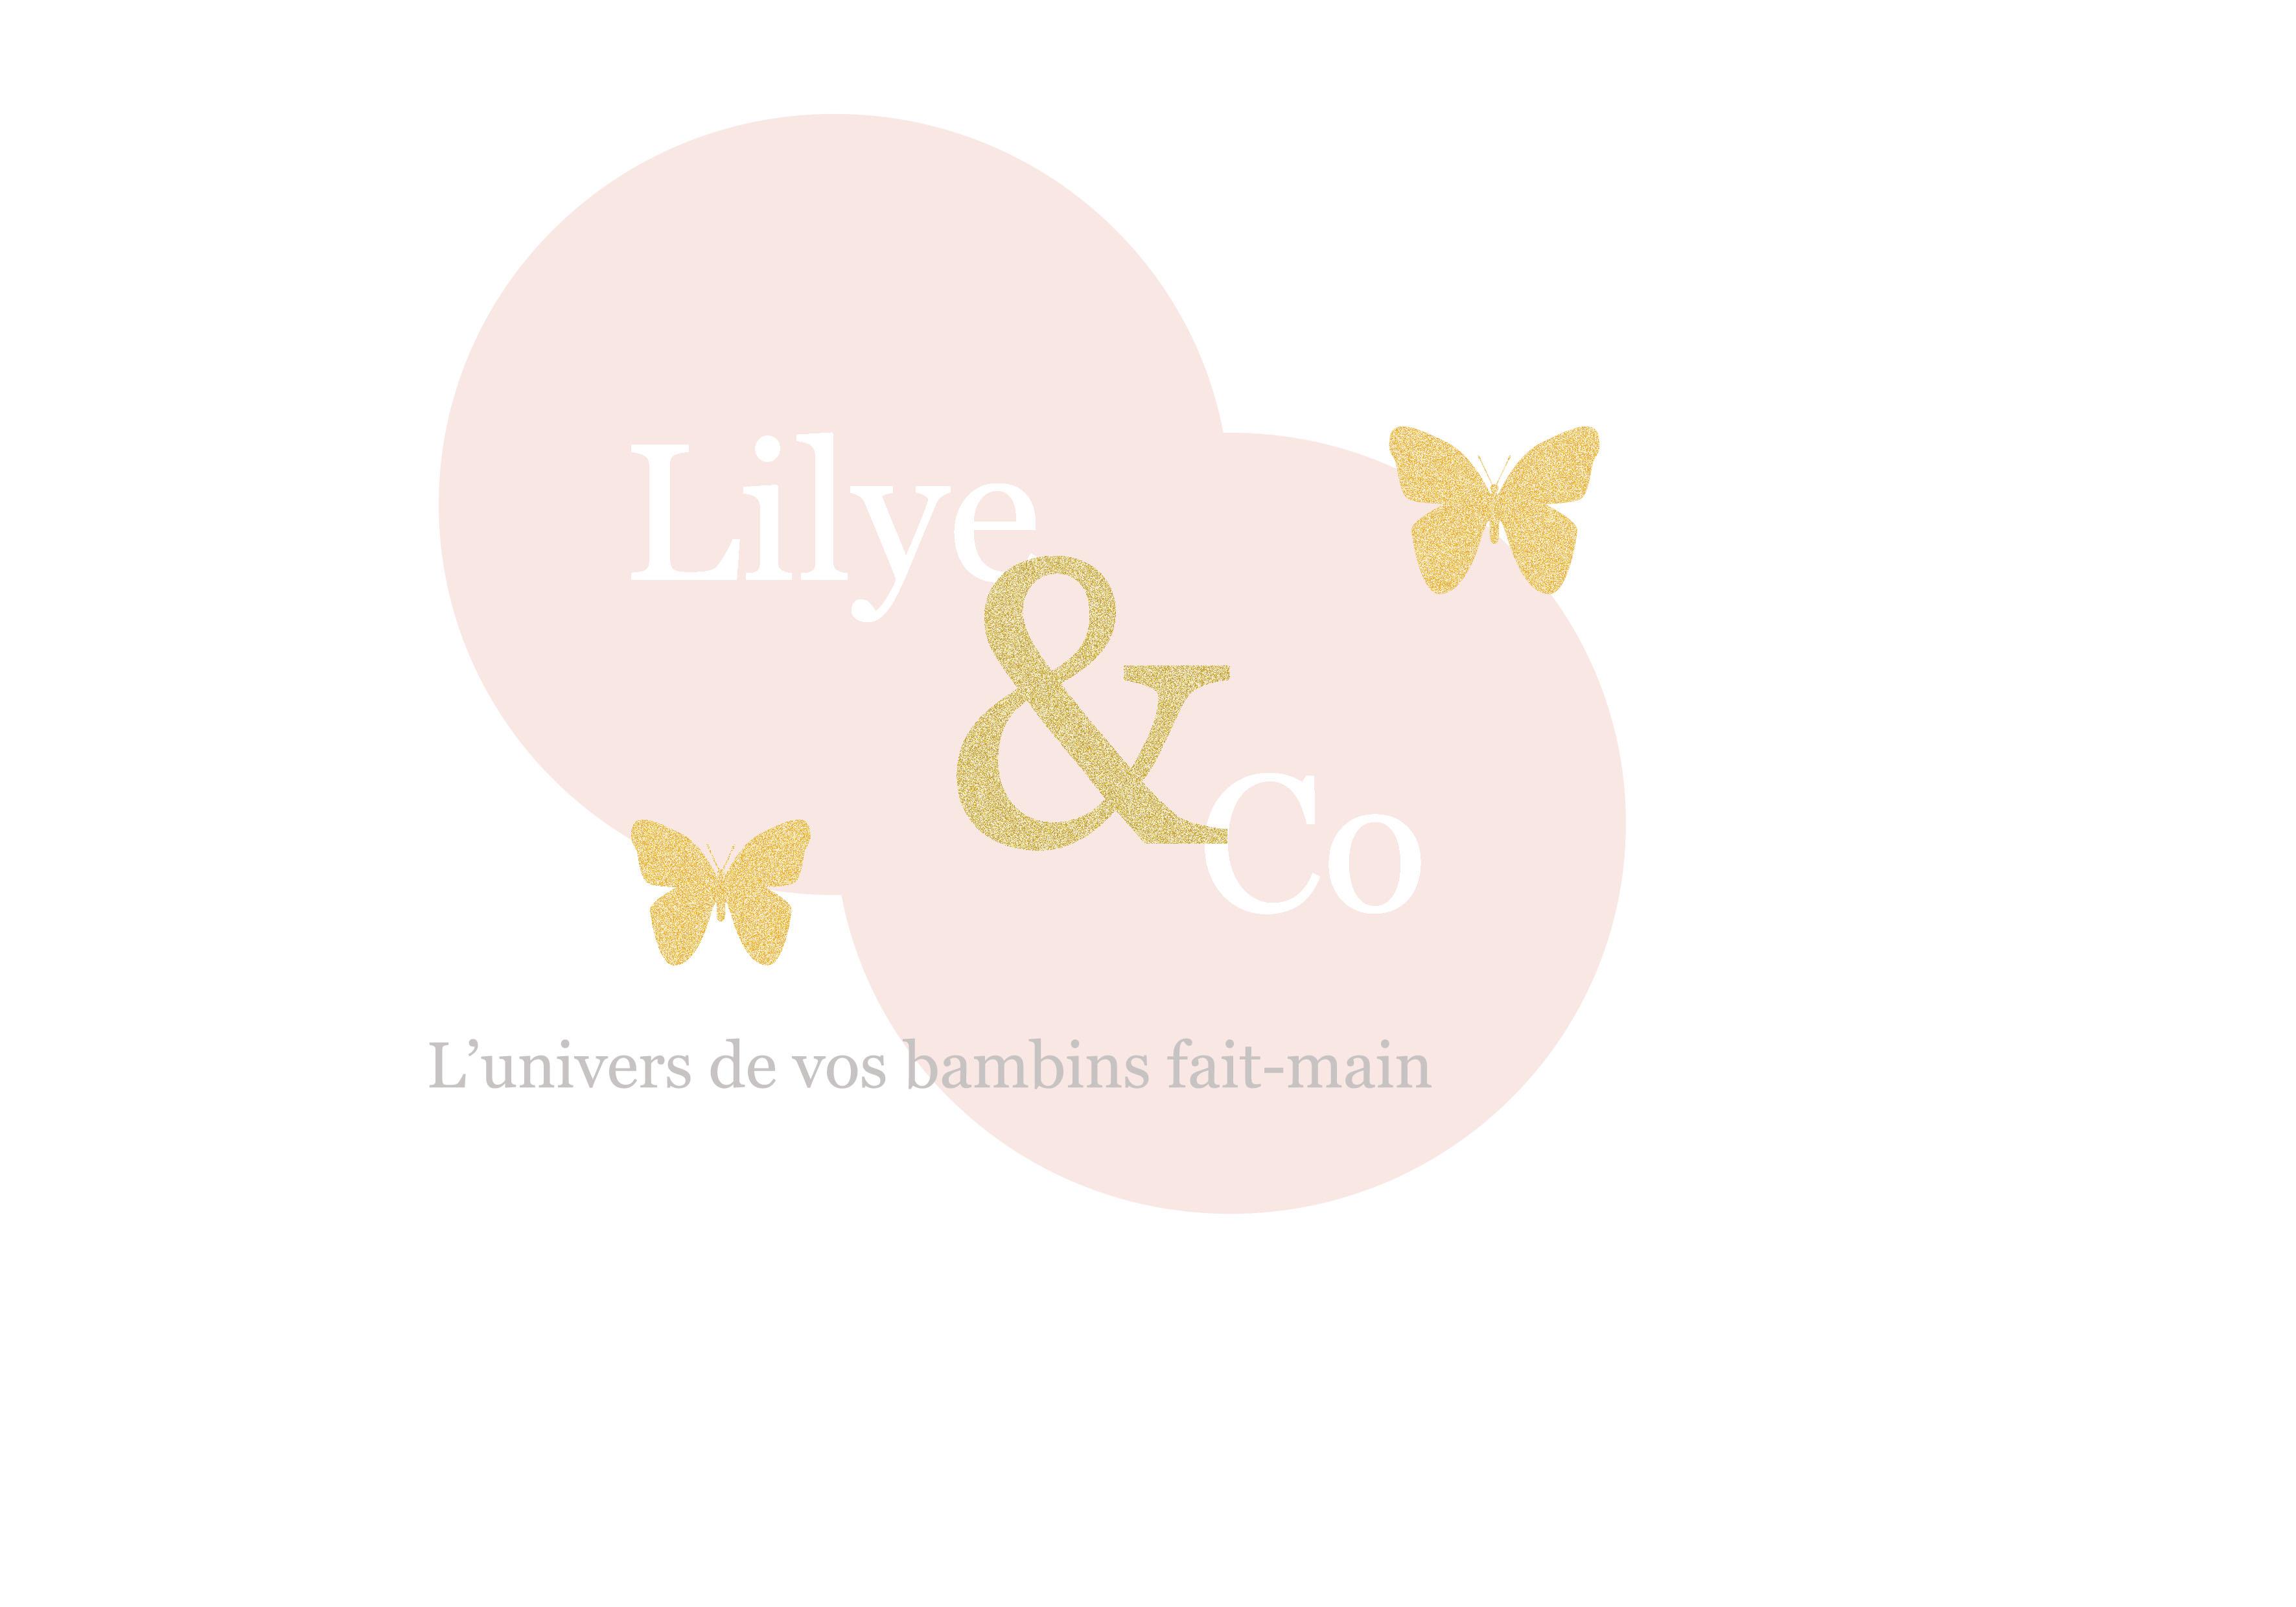 Lilye&Co